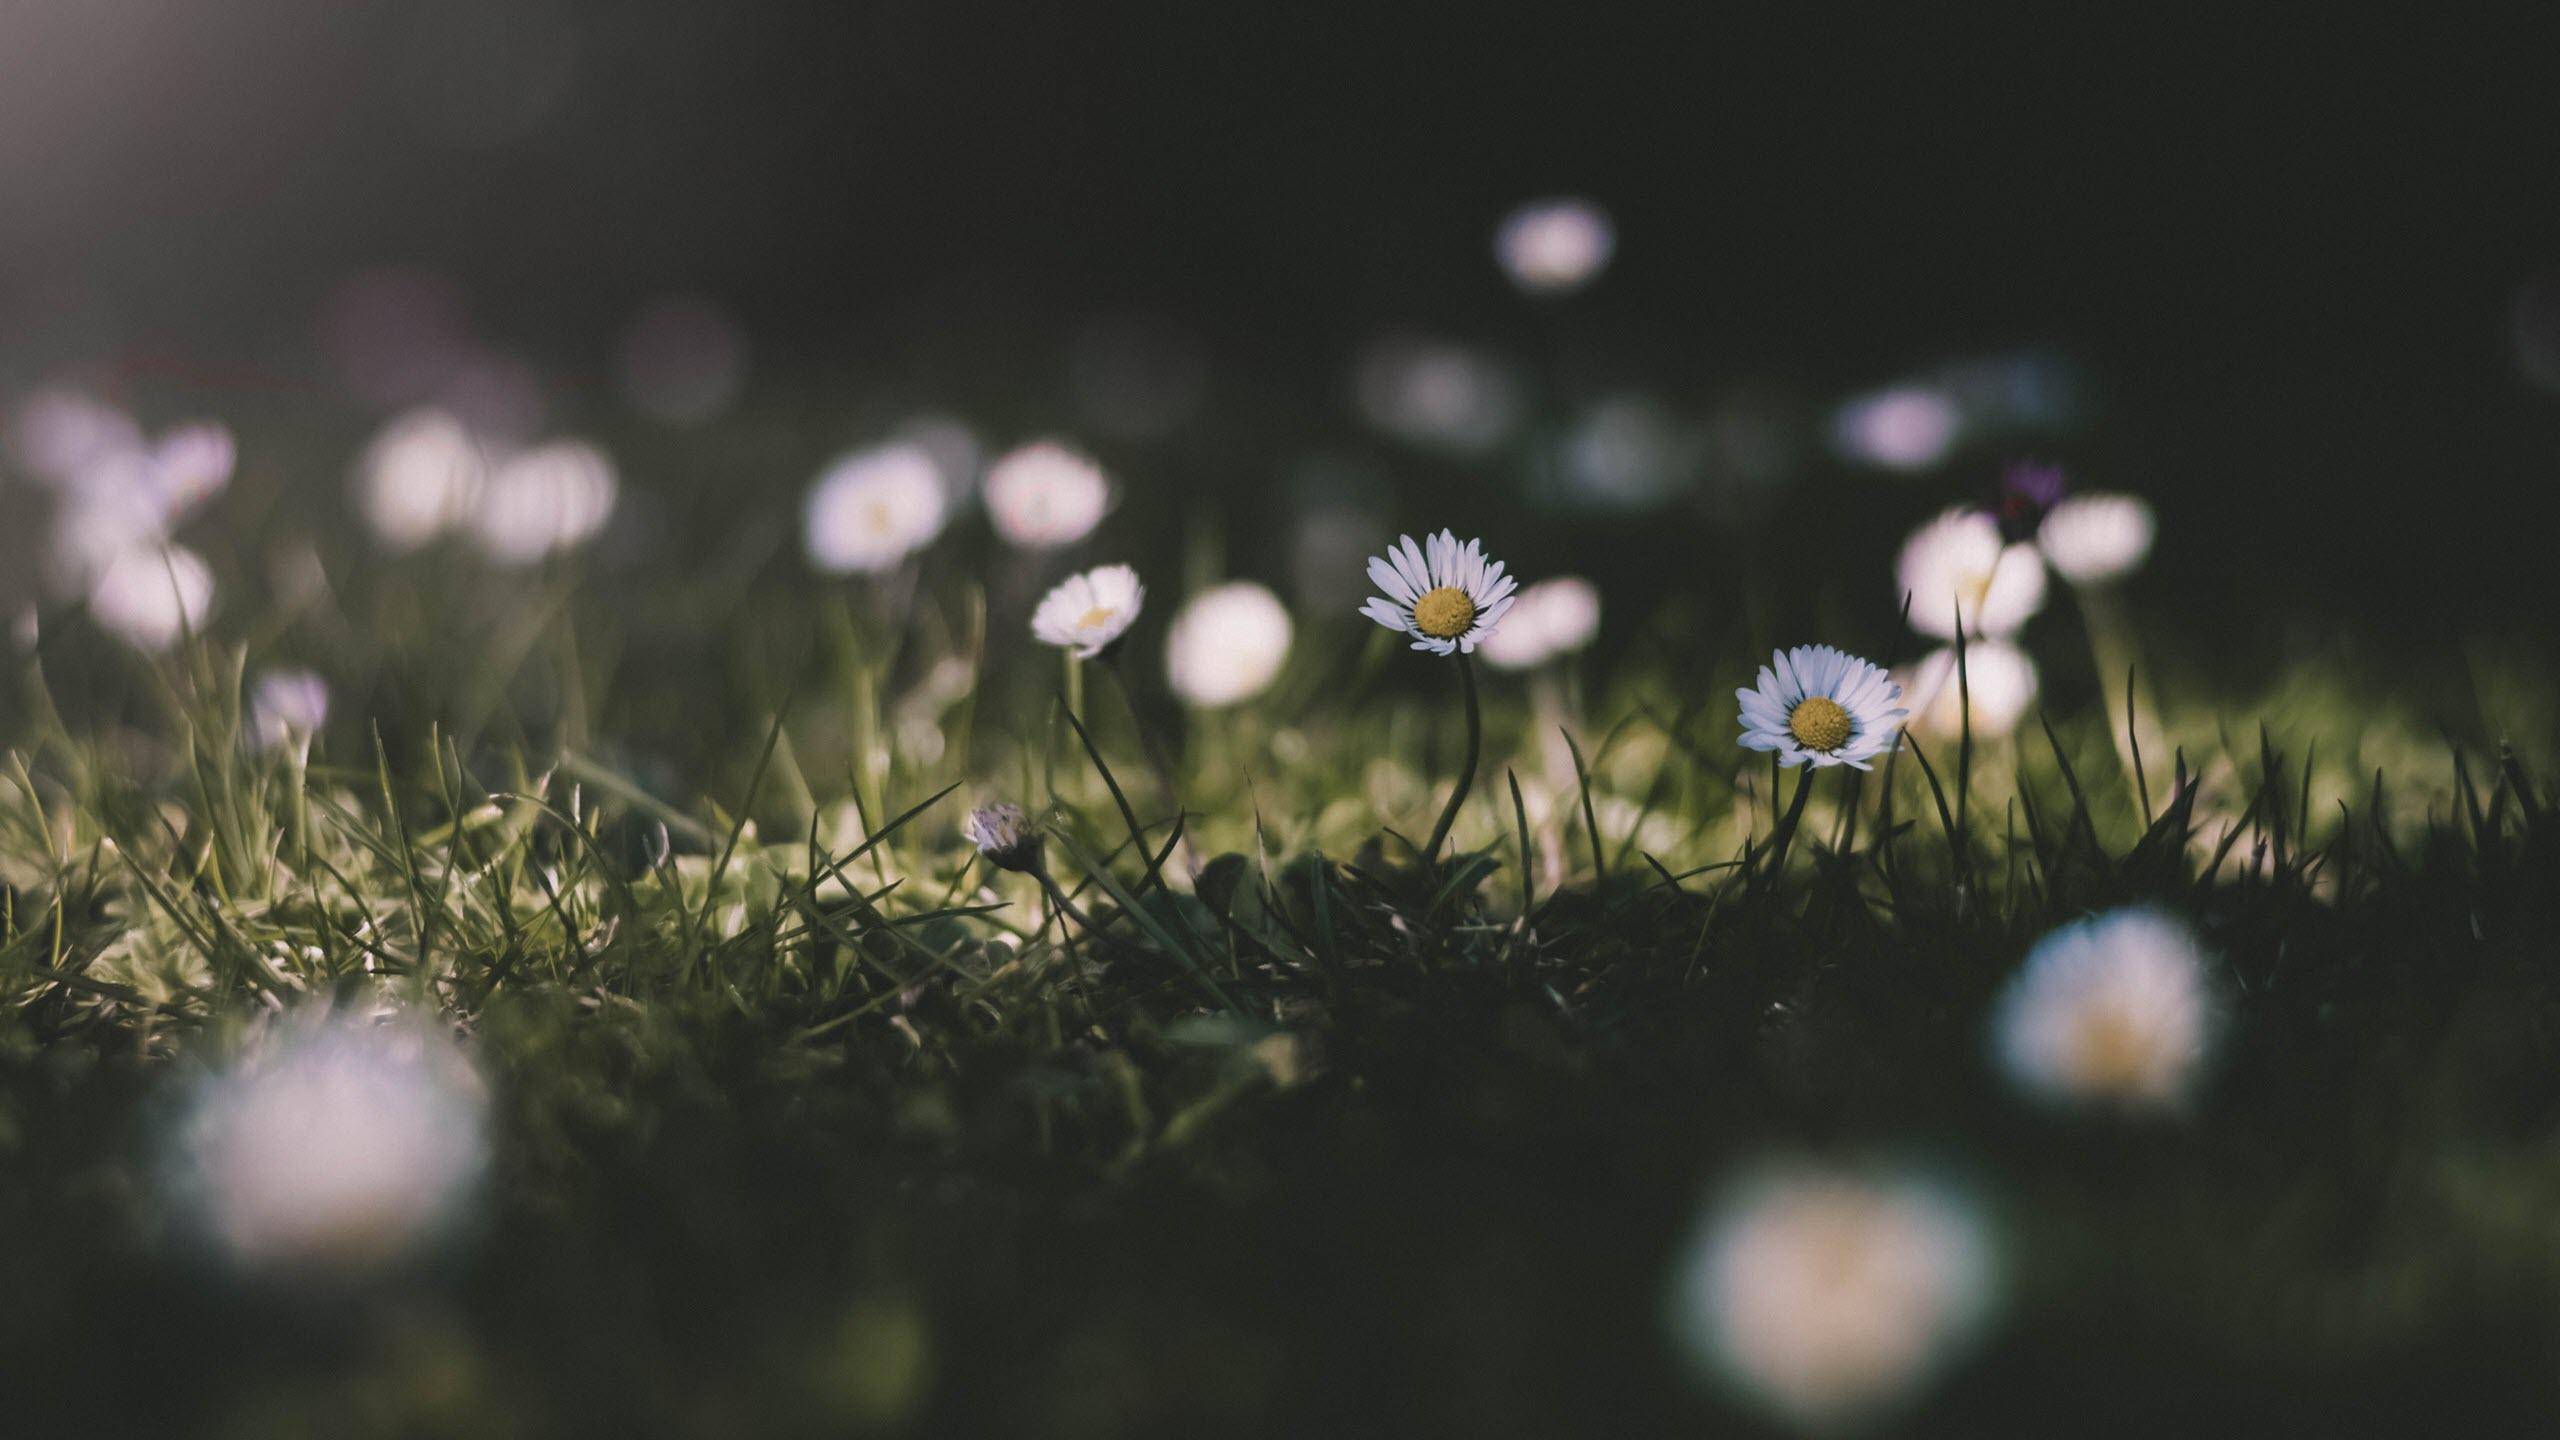 Hình nền hoa mùa xuân trong trẻo đẹp nhất